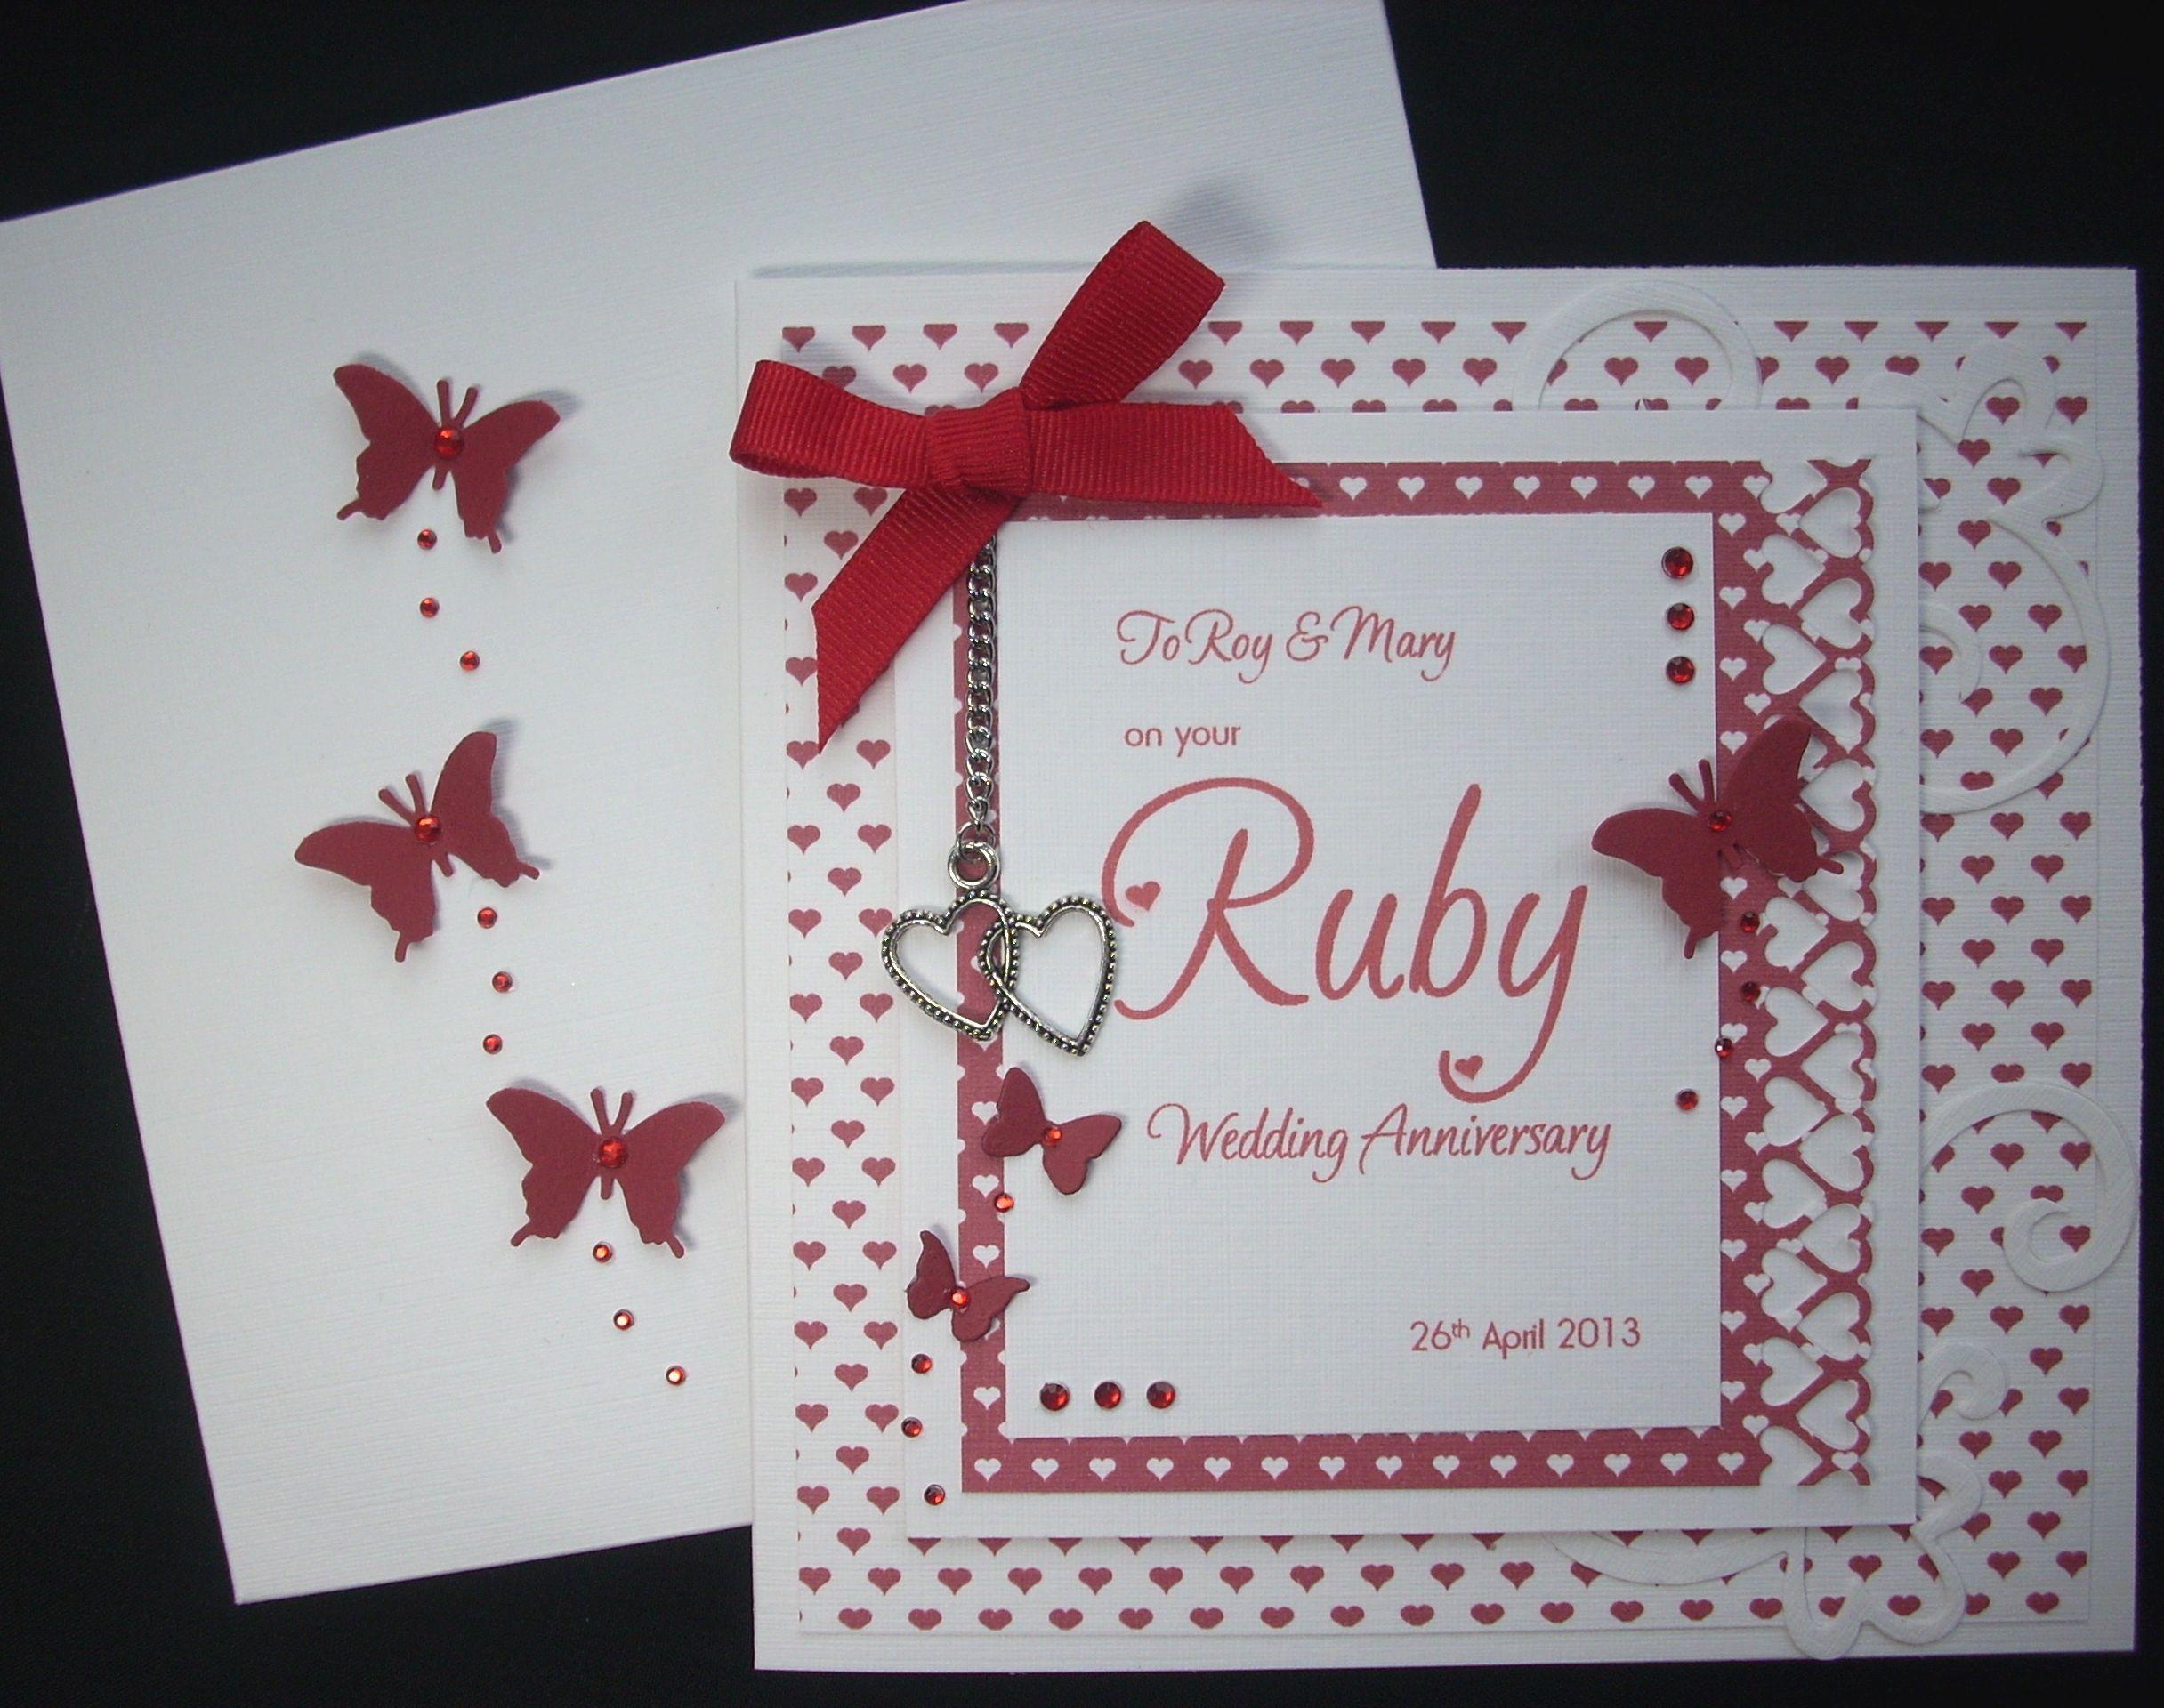 Ruby Wedding Anniversary card | wedding | Pinterest | Ruby wedding ...